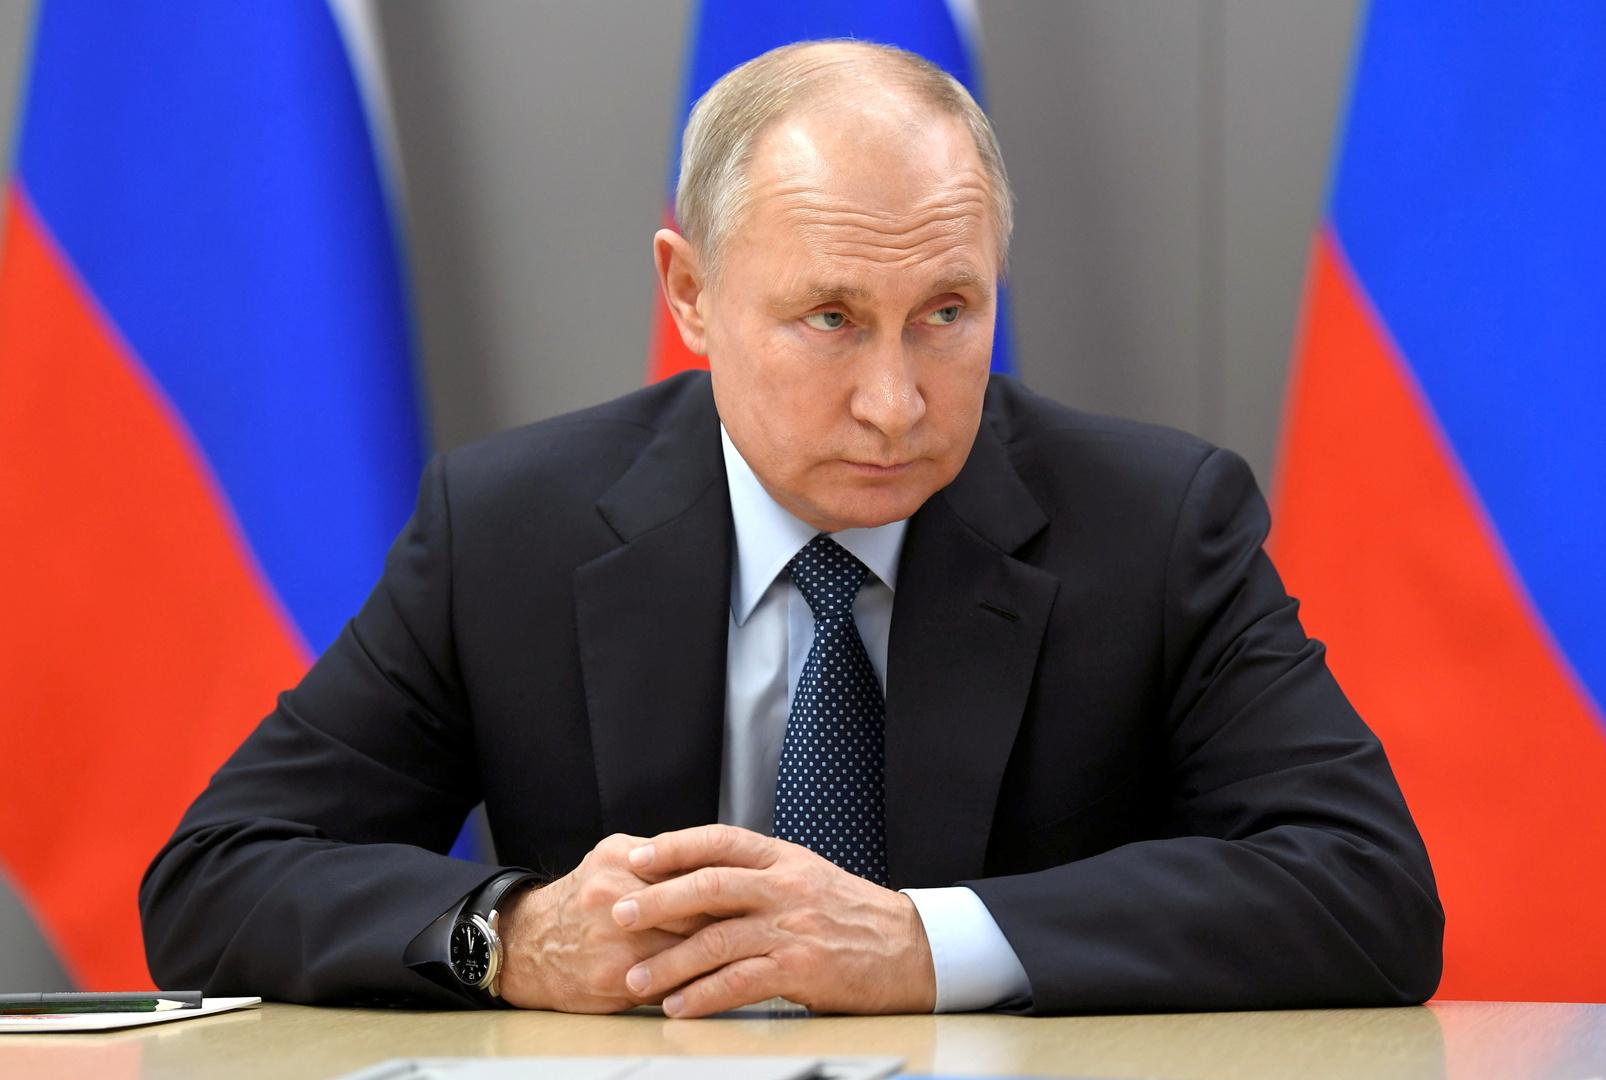 بوتين يعزي بوفاة رجل الاستخبارات السوفيتي الأسطوري جورج بليك